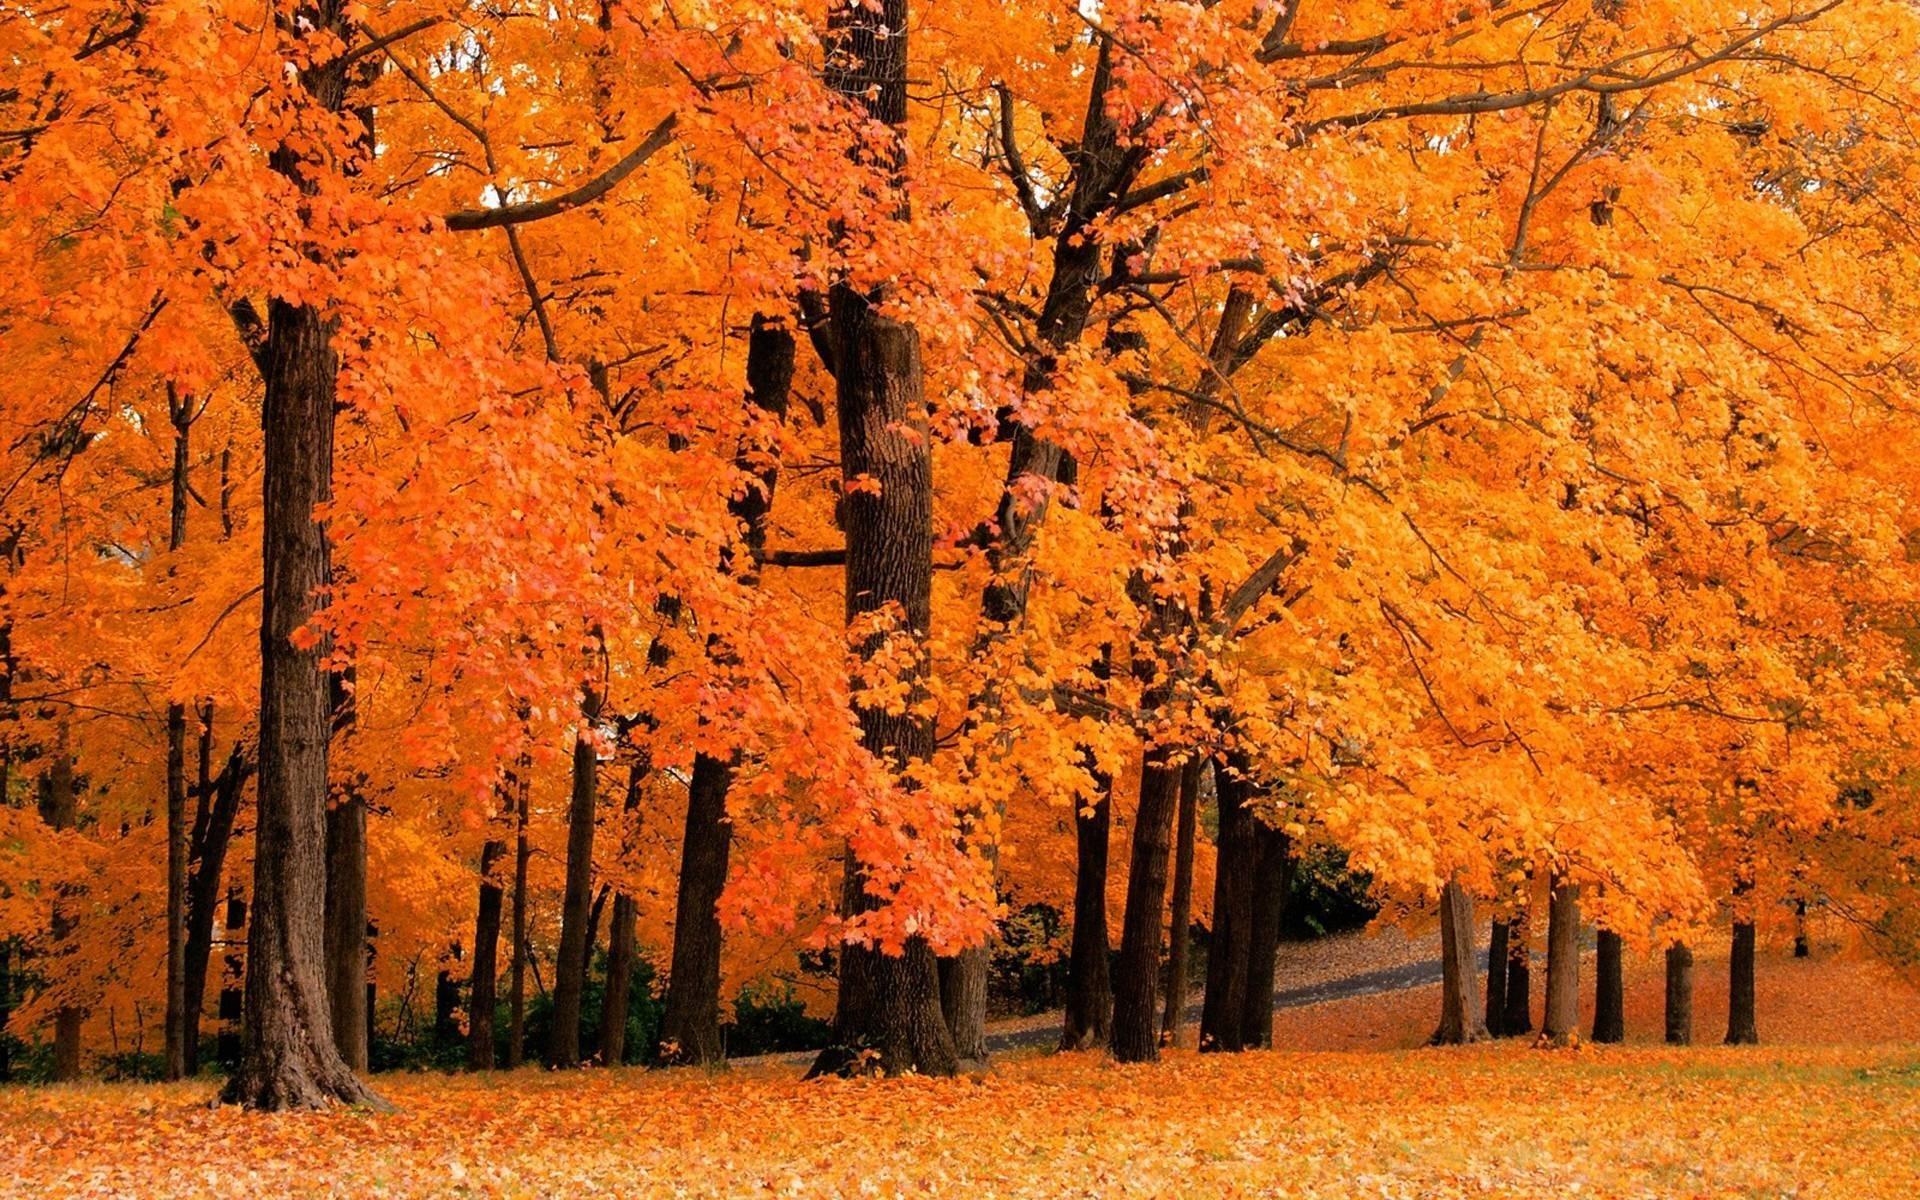 осень, деревья, листва, листопад без смс